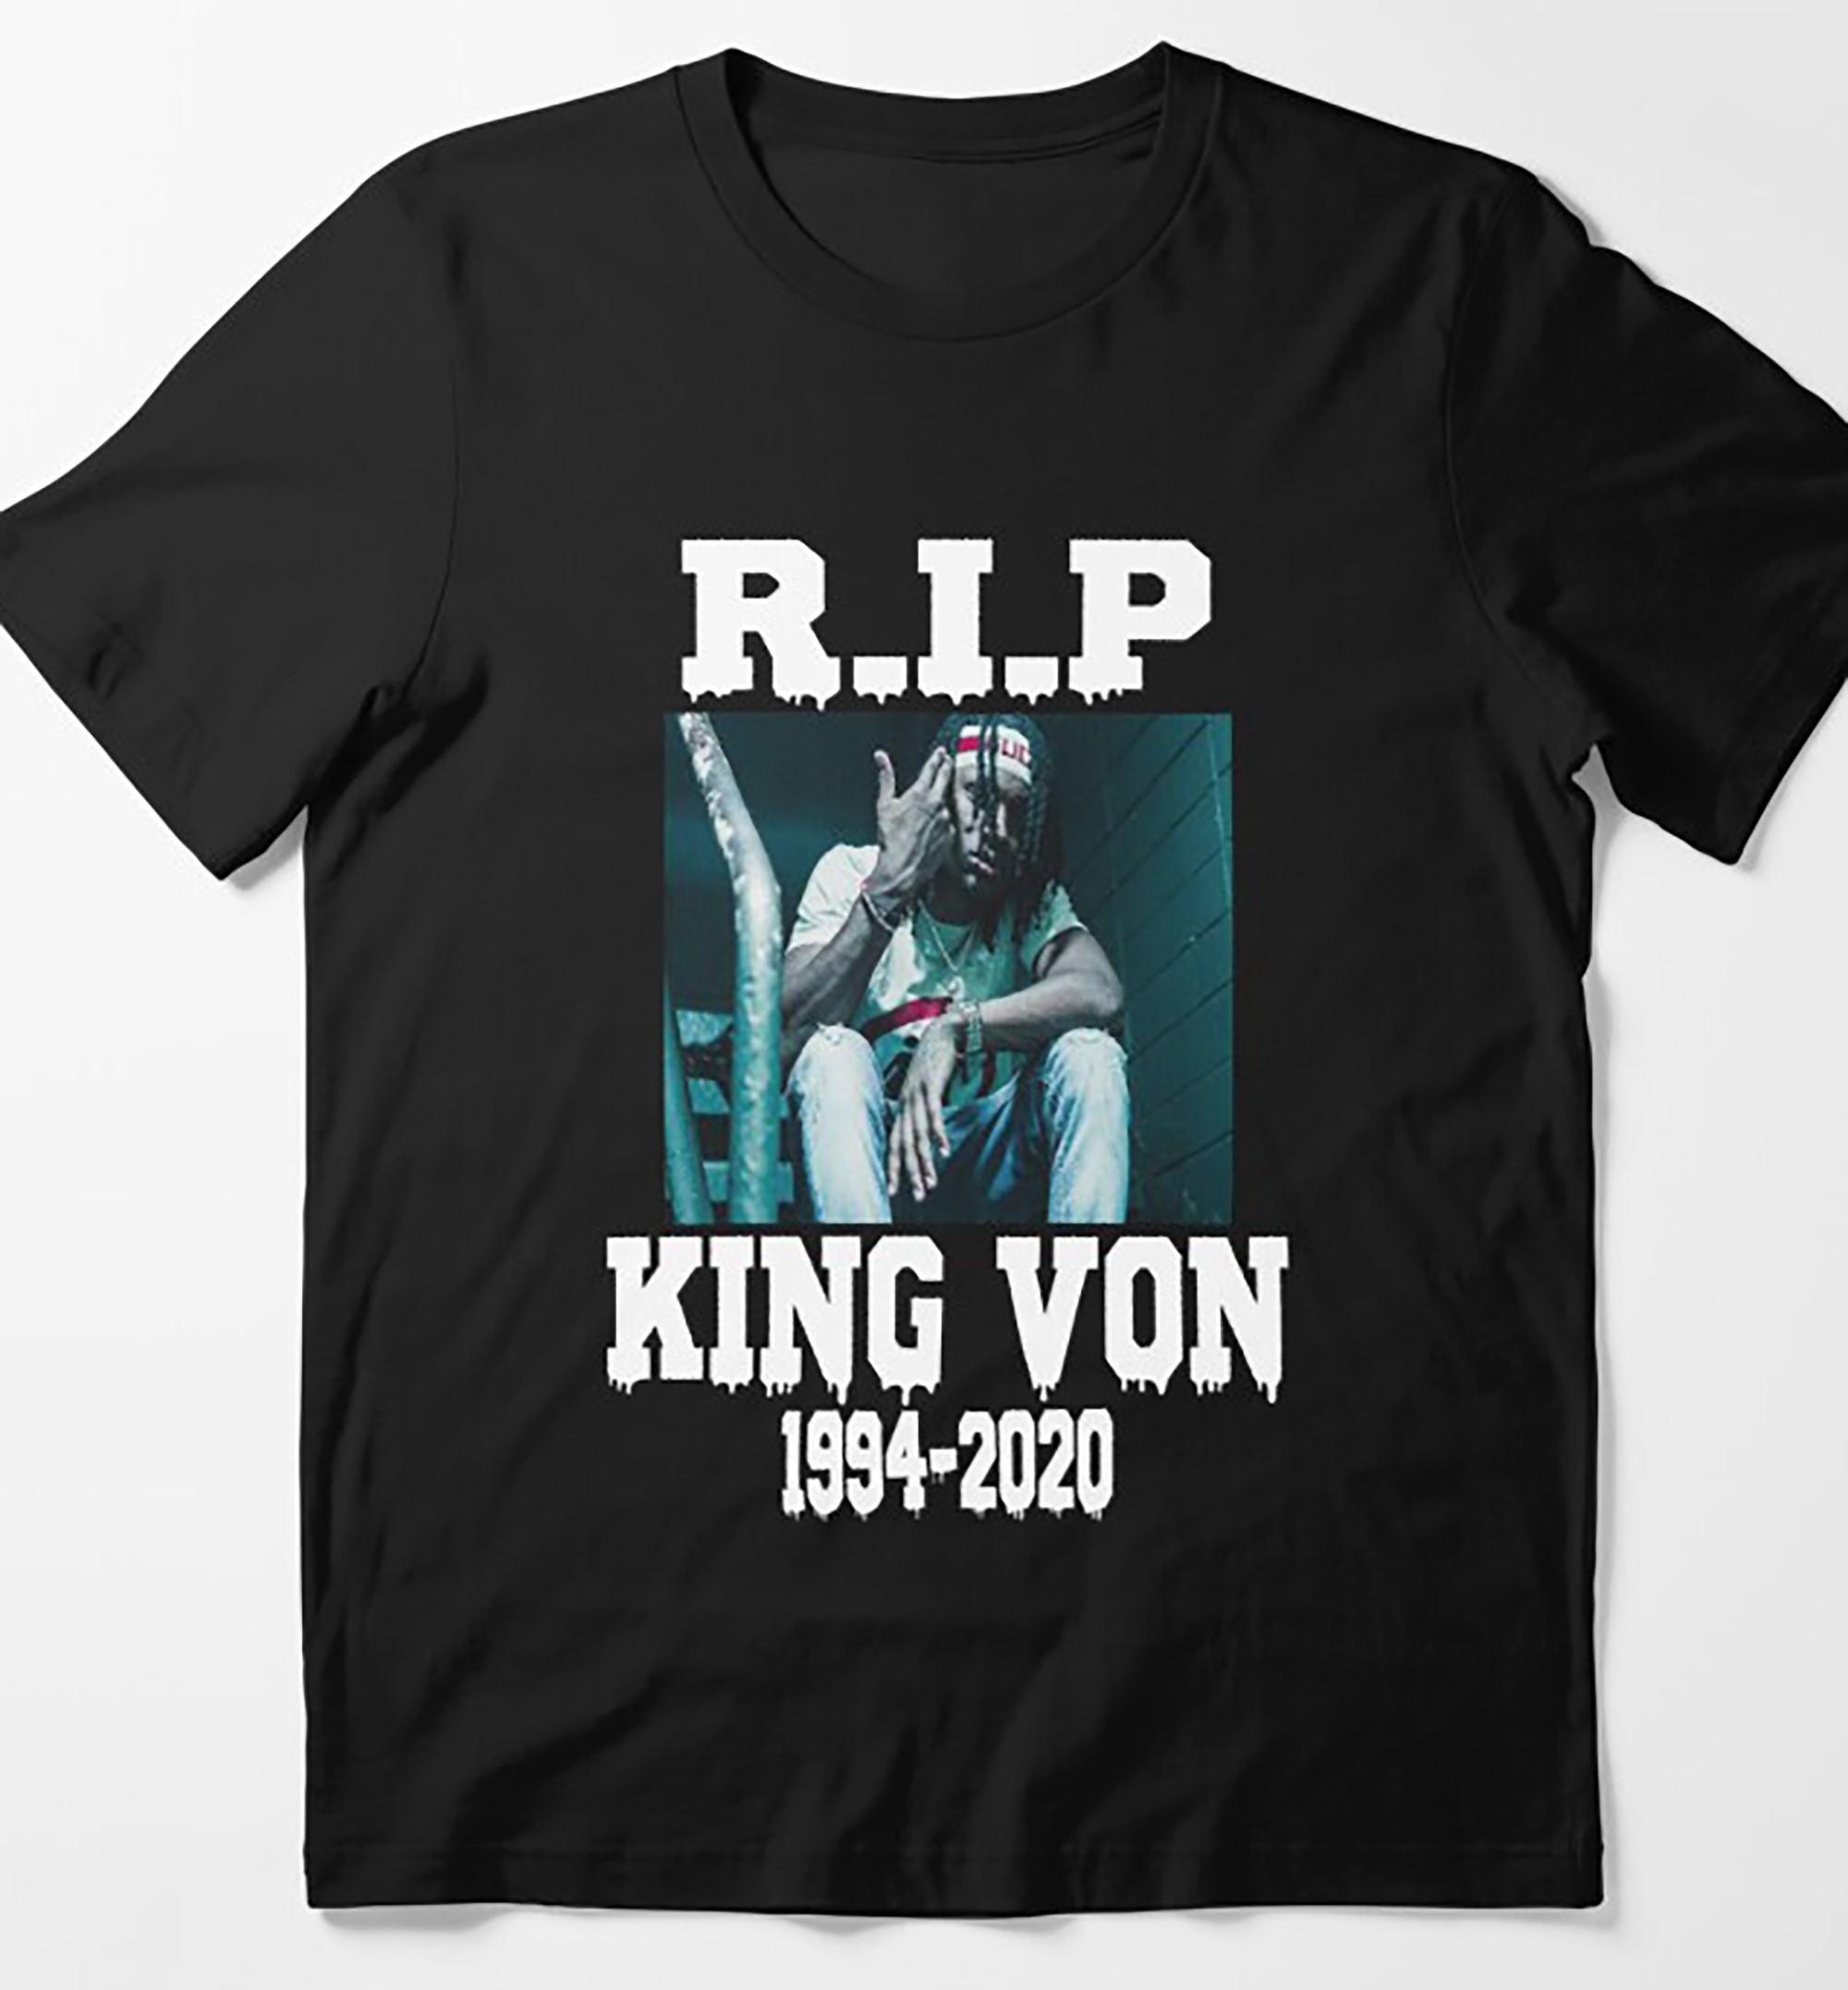 Rip King Von Rip King Von 1994-2020 Essential T-shirt